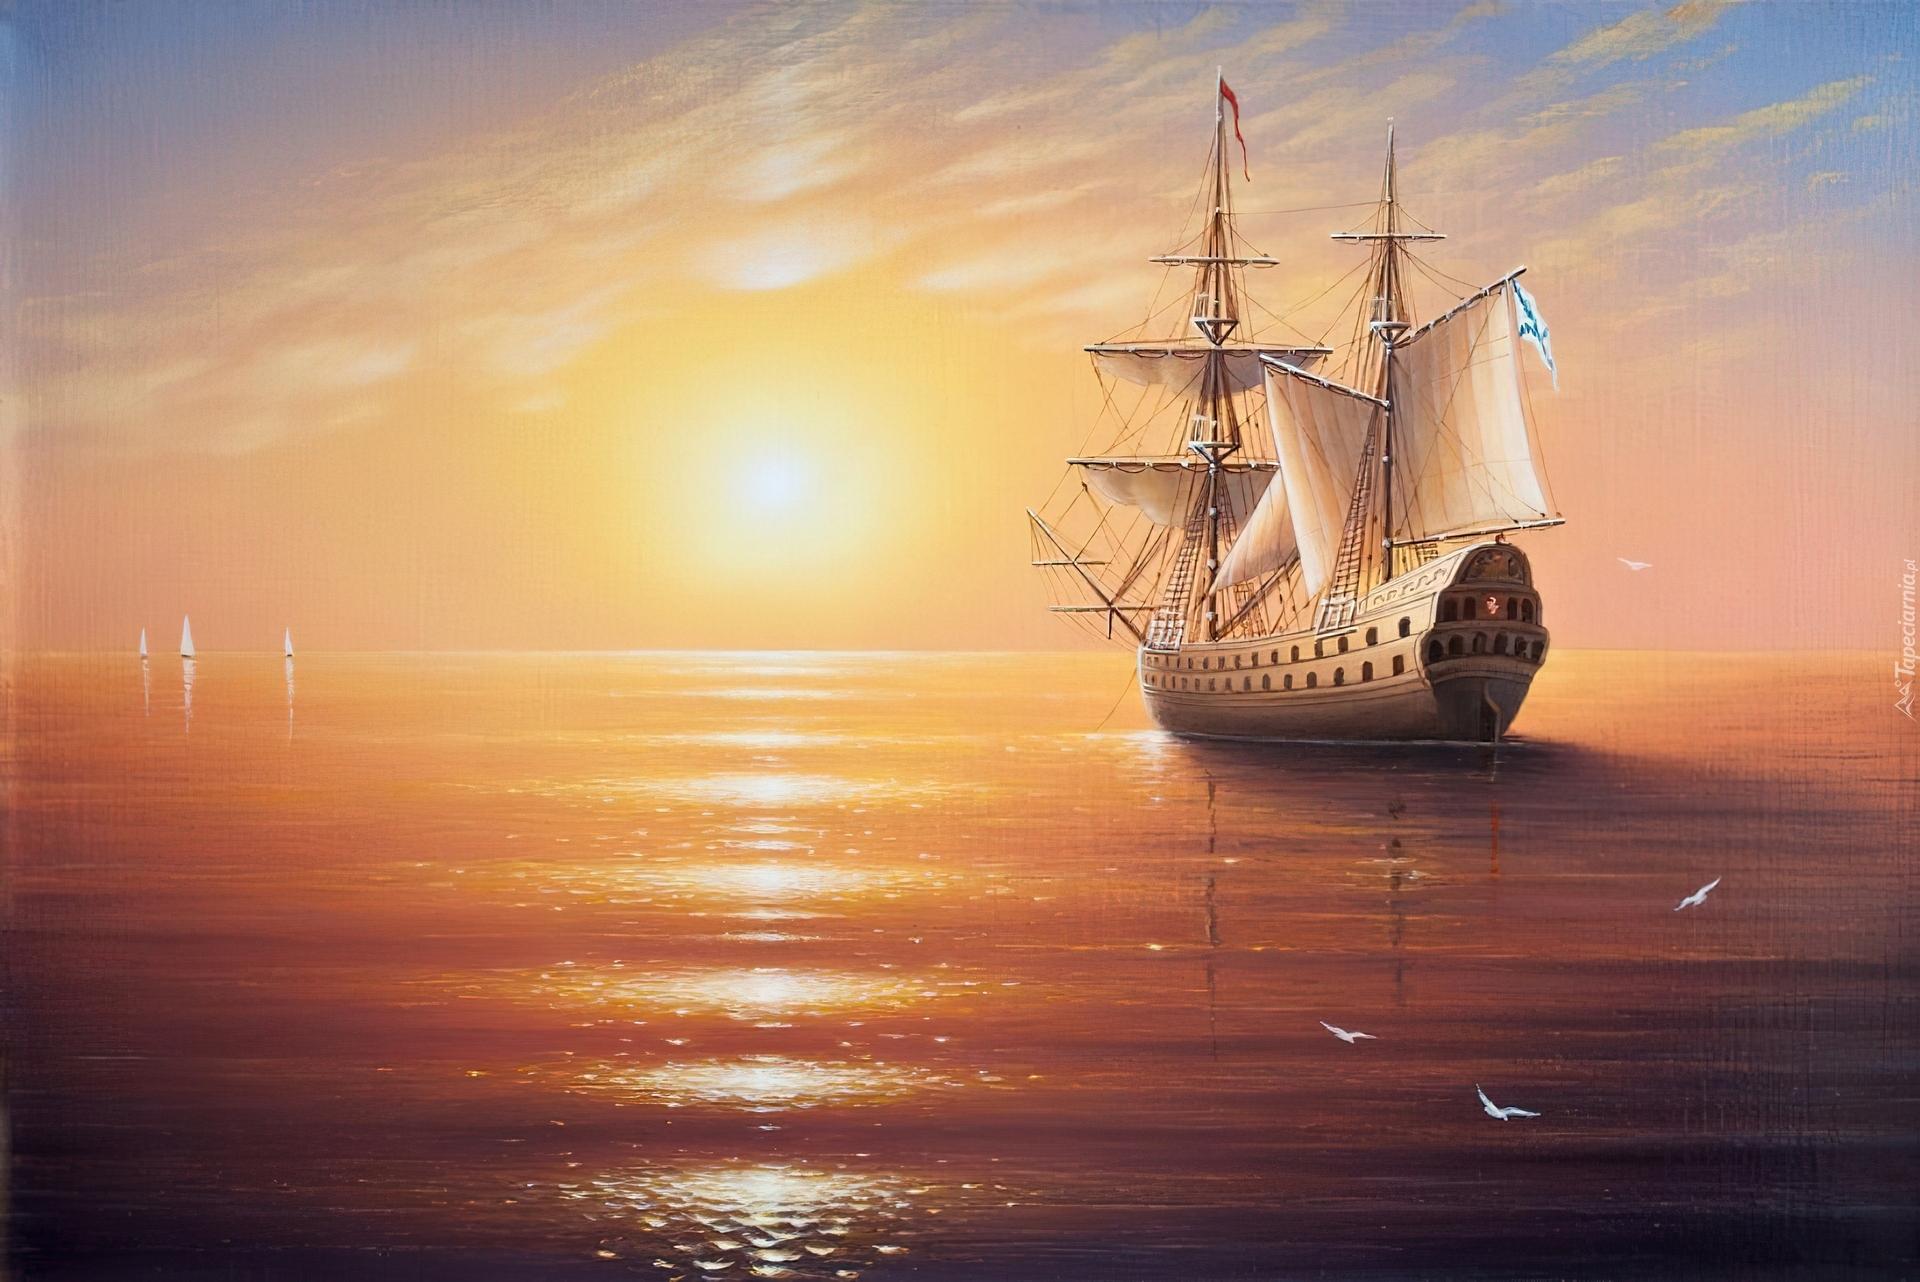 количество картинка корабль уходит в море на закате впервые задумавшемуся том